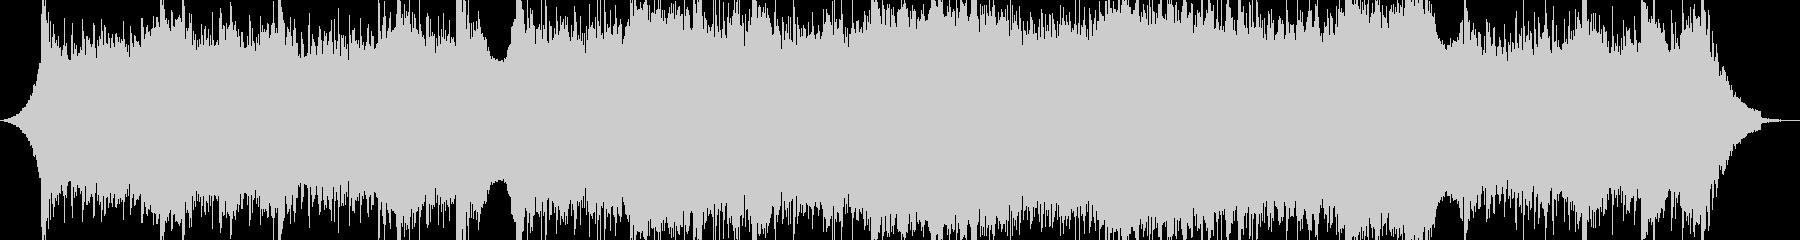 大気の深い電子の抽象的な音楽の未再生の波形